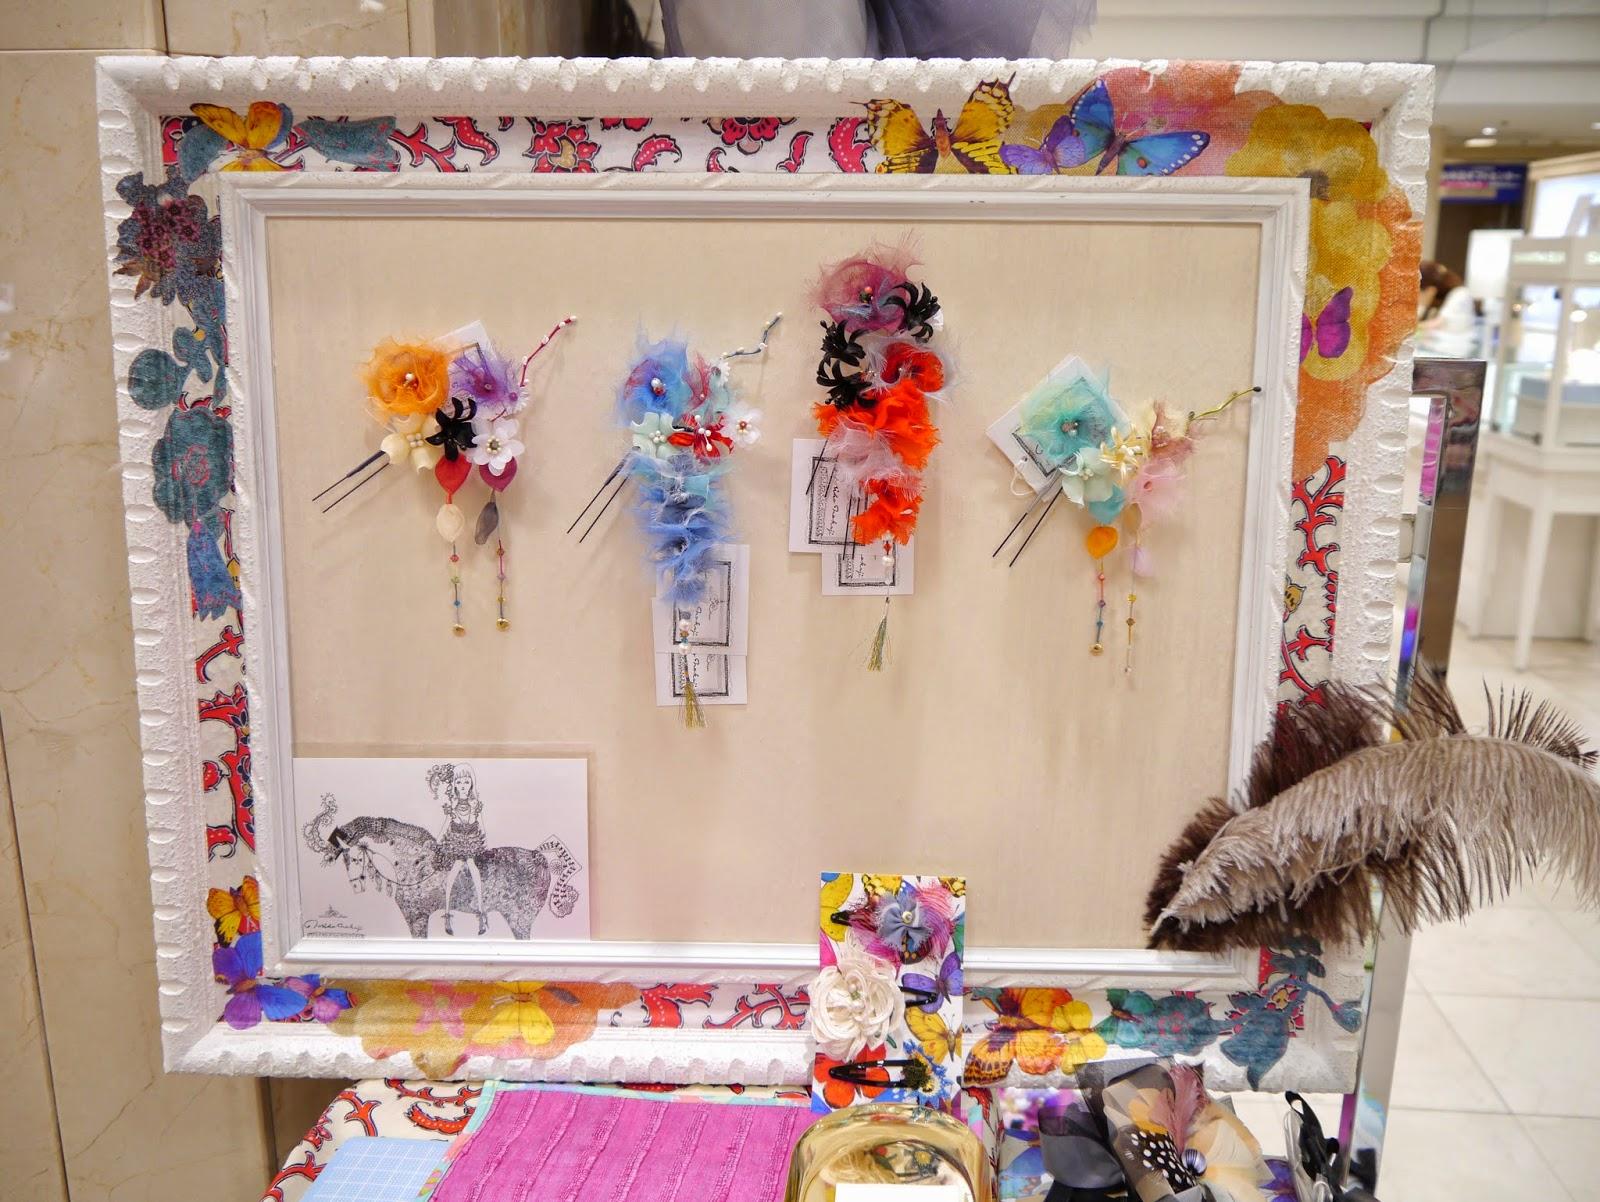 norikonakaji ヘッドドレス 髪飾り 京都 大丸 祇園祭